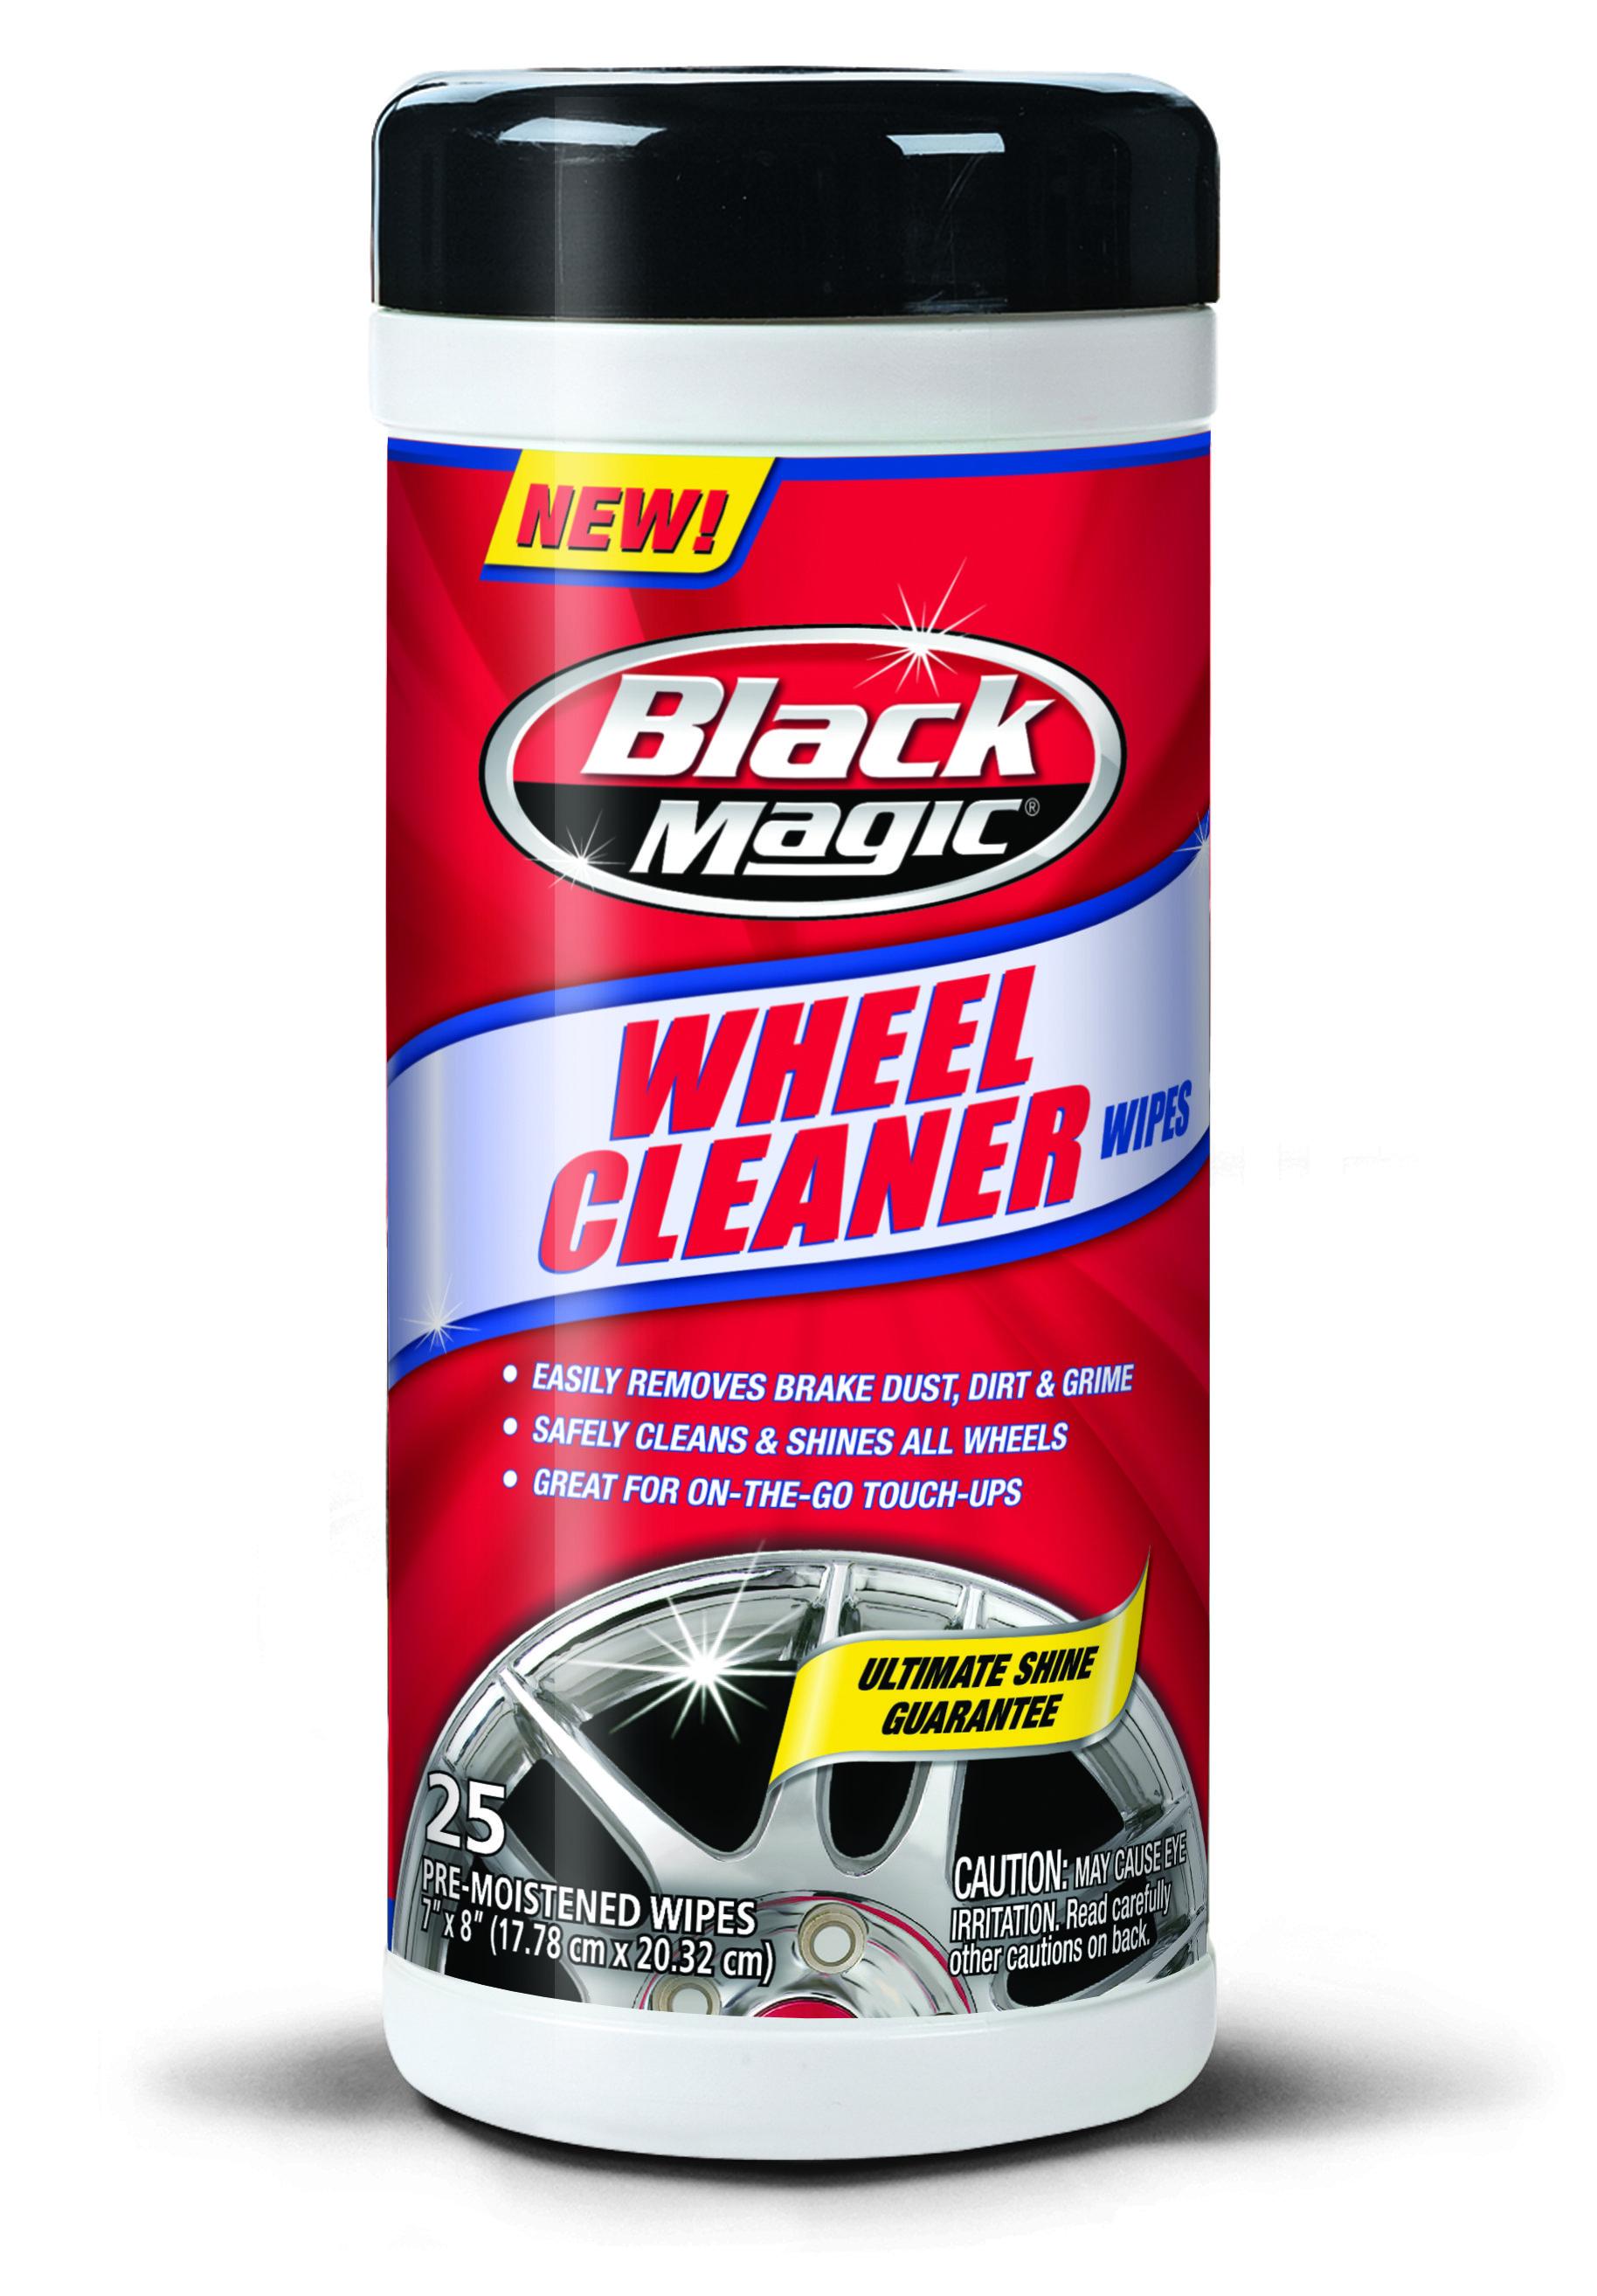 Black Magic Wheel Cleaner Wipes